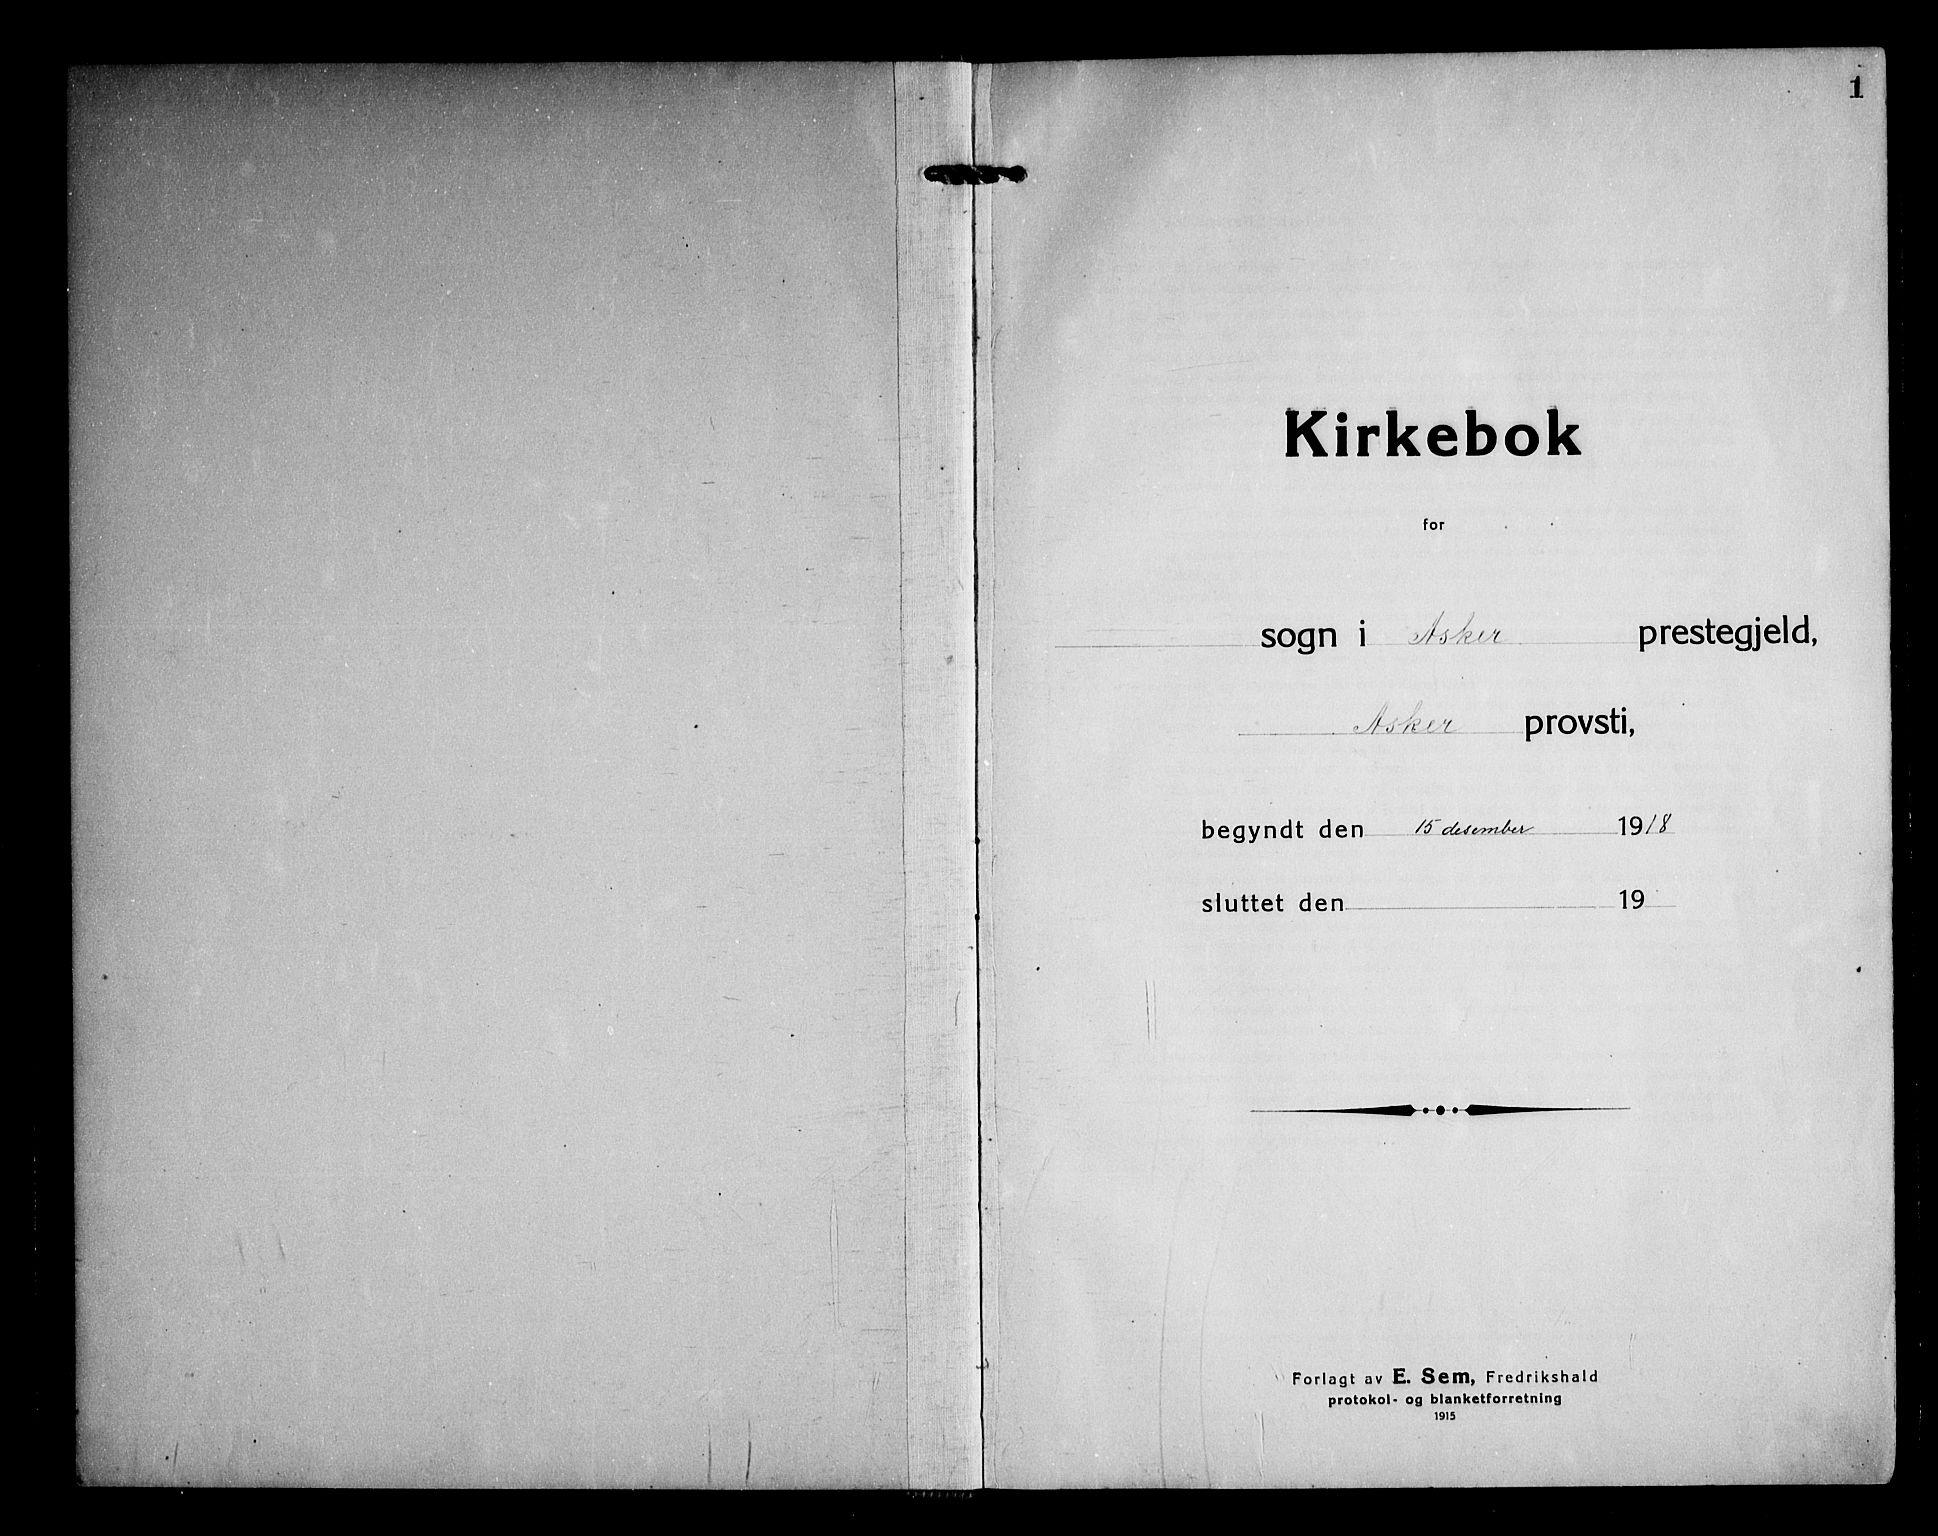 SAO, Asker prestekontor Kirkebøker, F/Fa/L0020: Ministerialbok nr. I 20, 1918-1948, s. 1